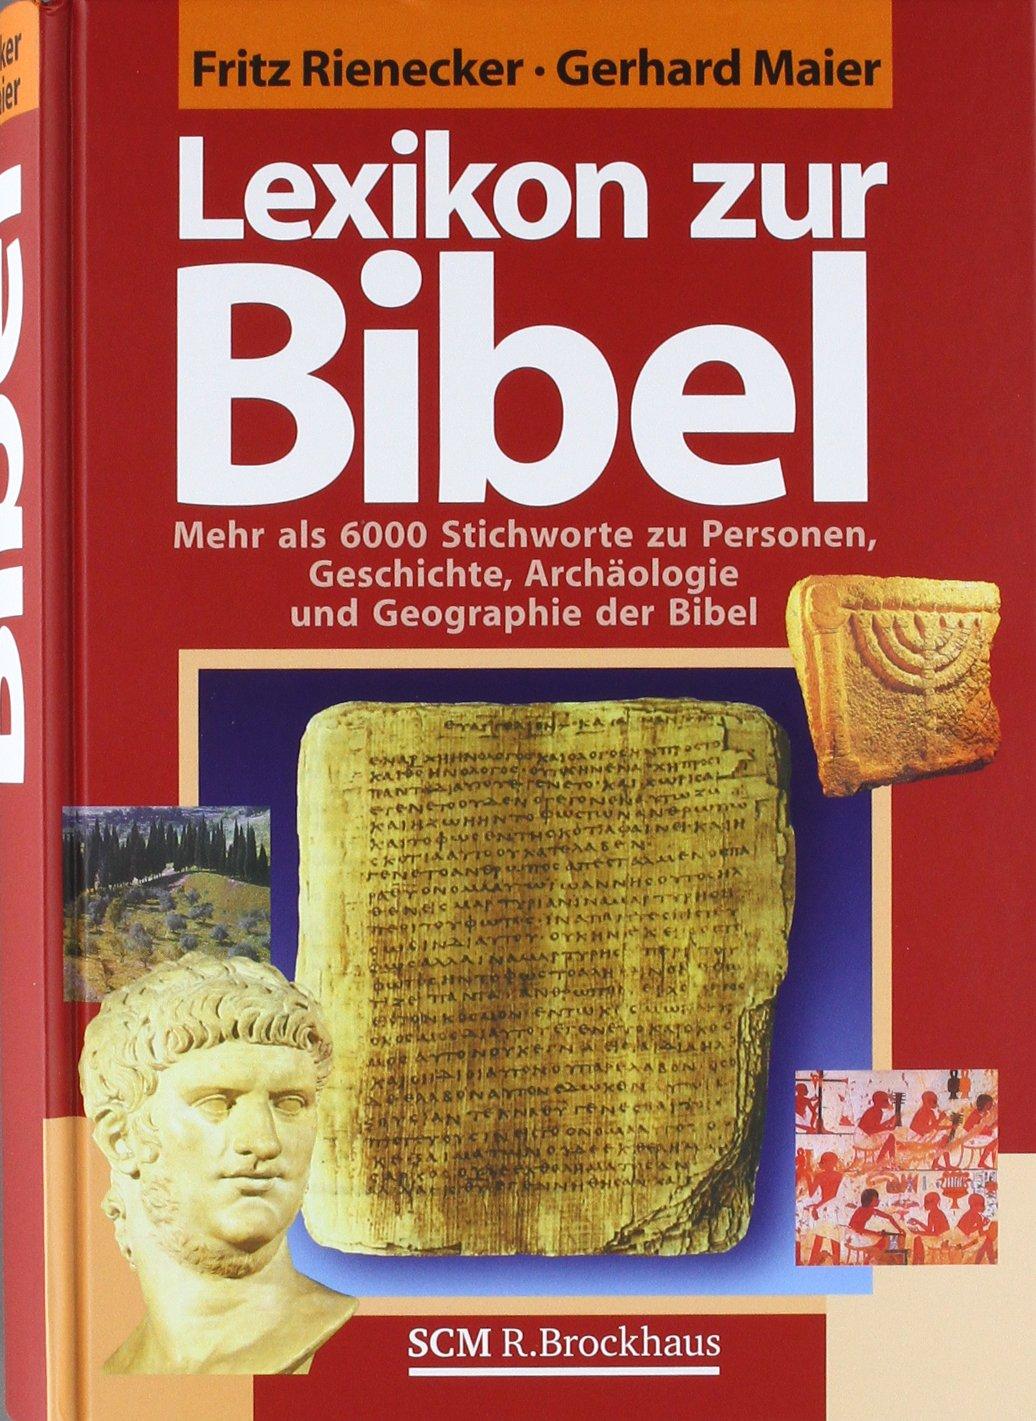 Lexikon zur Bibel: Mehr als 6000 Stichworte zu Personen, Geschichte, Archäologie und Geographie der